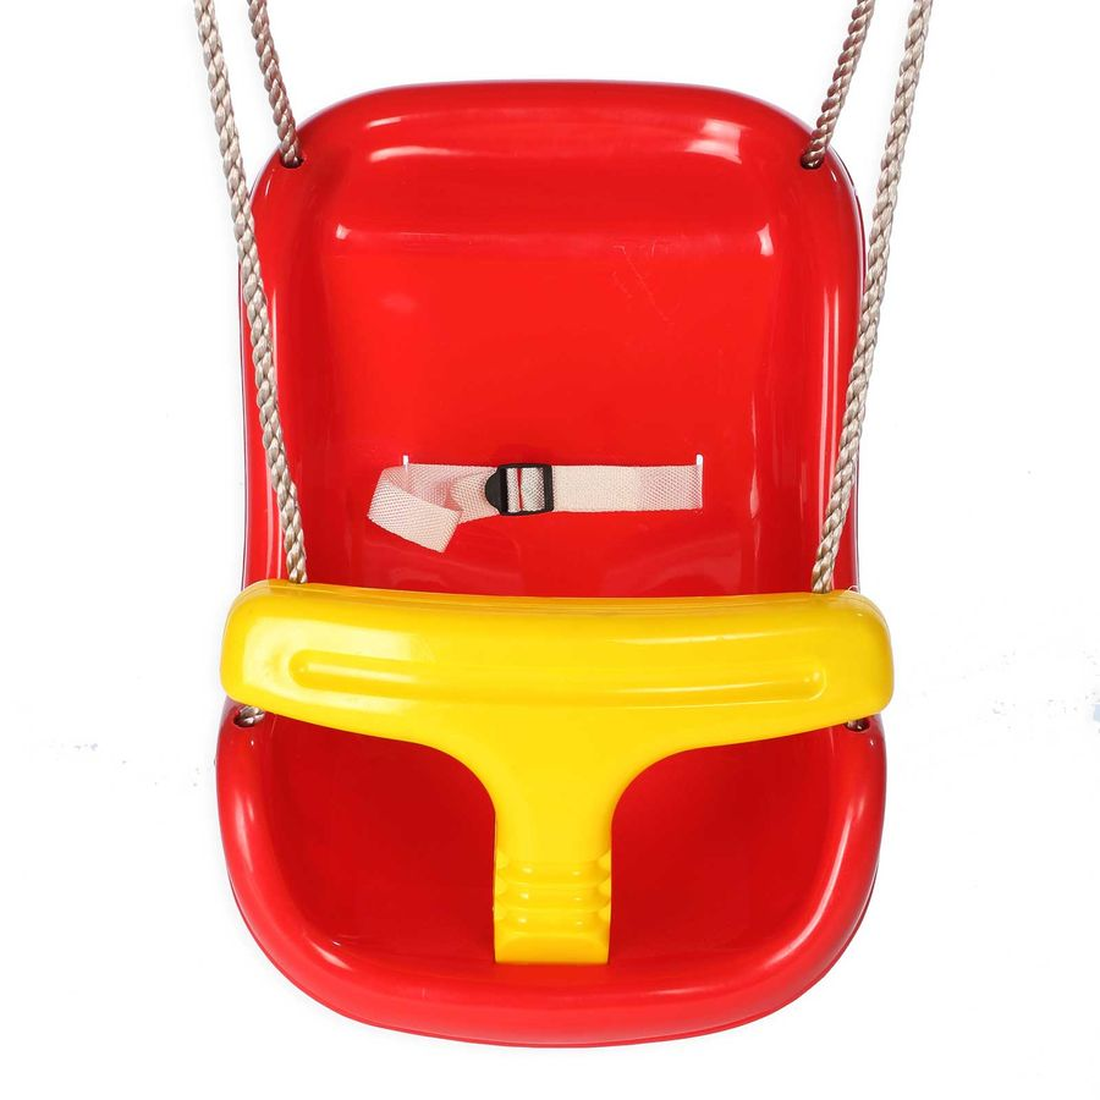 Schaukelsitz mit Sicherheitsbügel und Sicherheitsgurt für Kleinkinder bis 3 Jahre